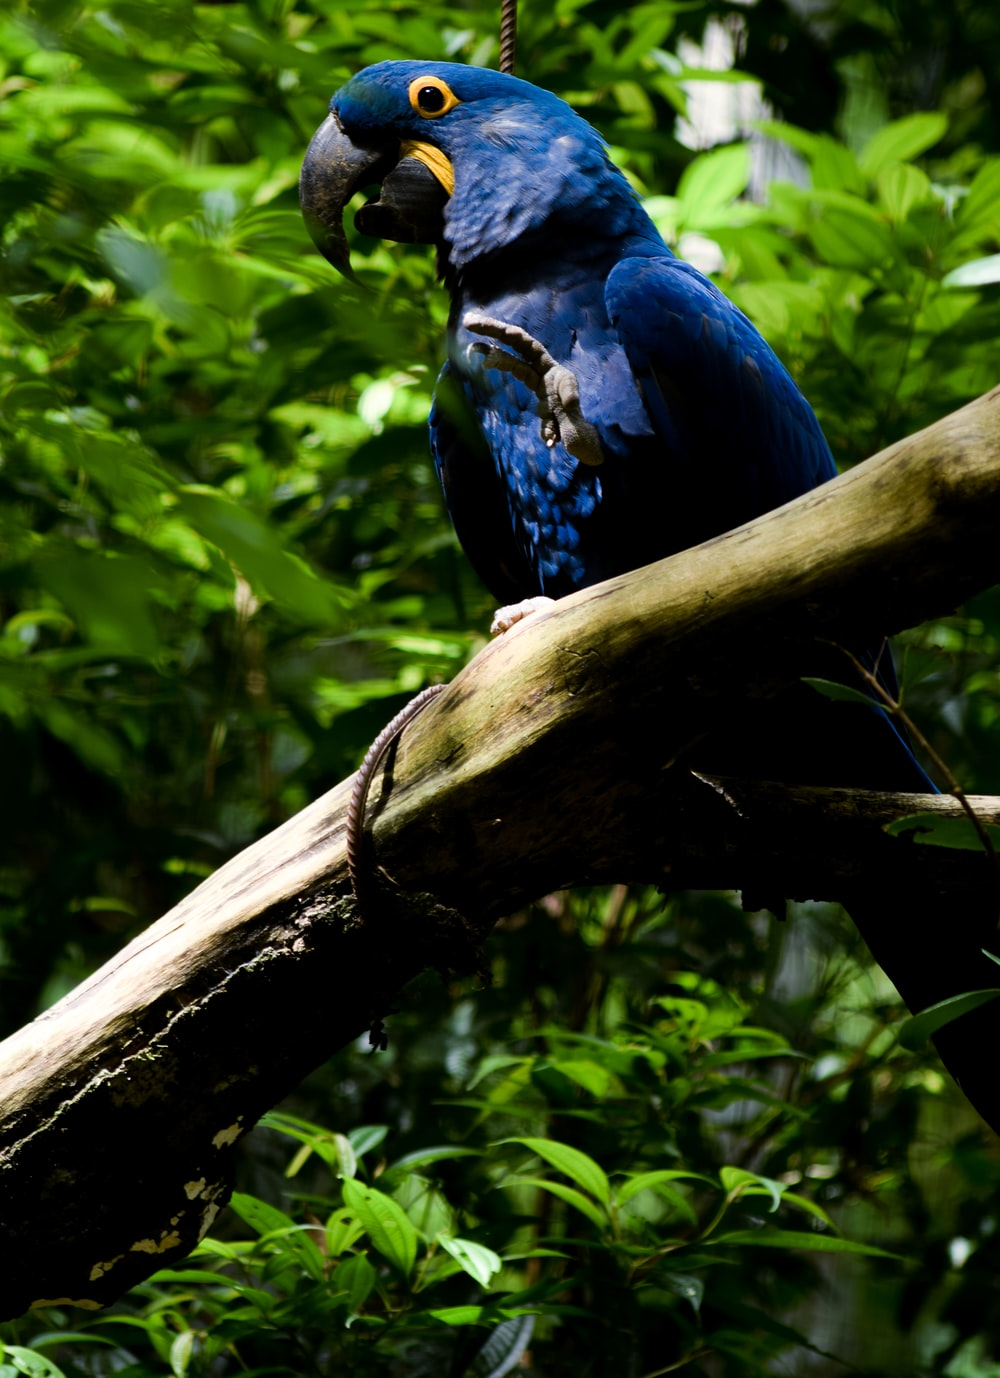 blue bird on tree